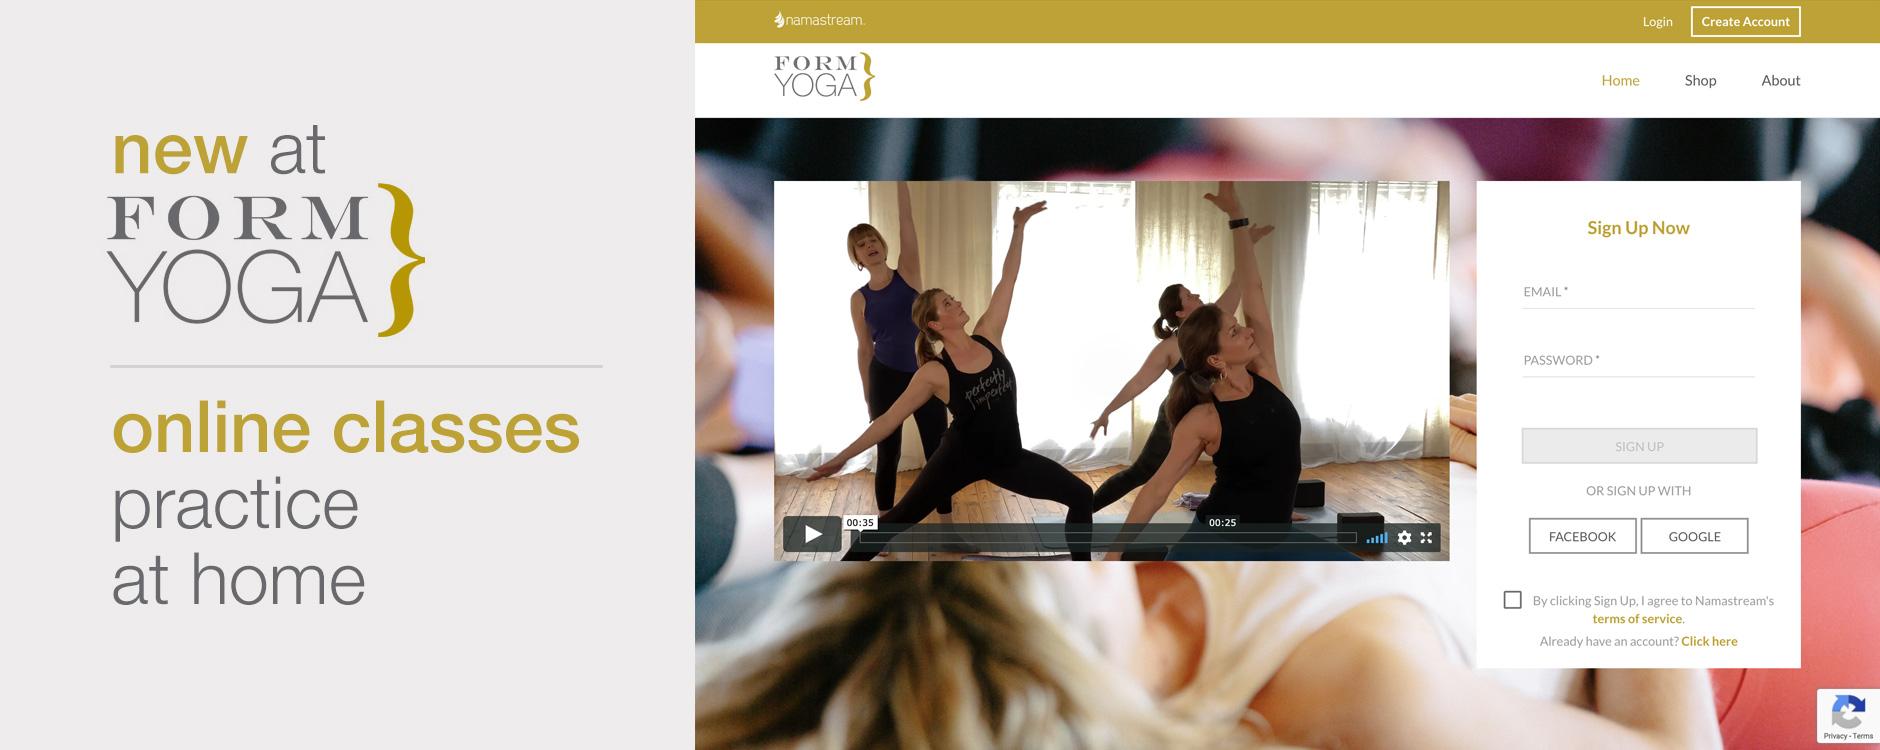 online yoga classes Atlanta Decatur FORM yoga